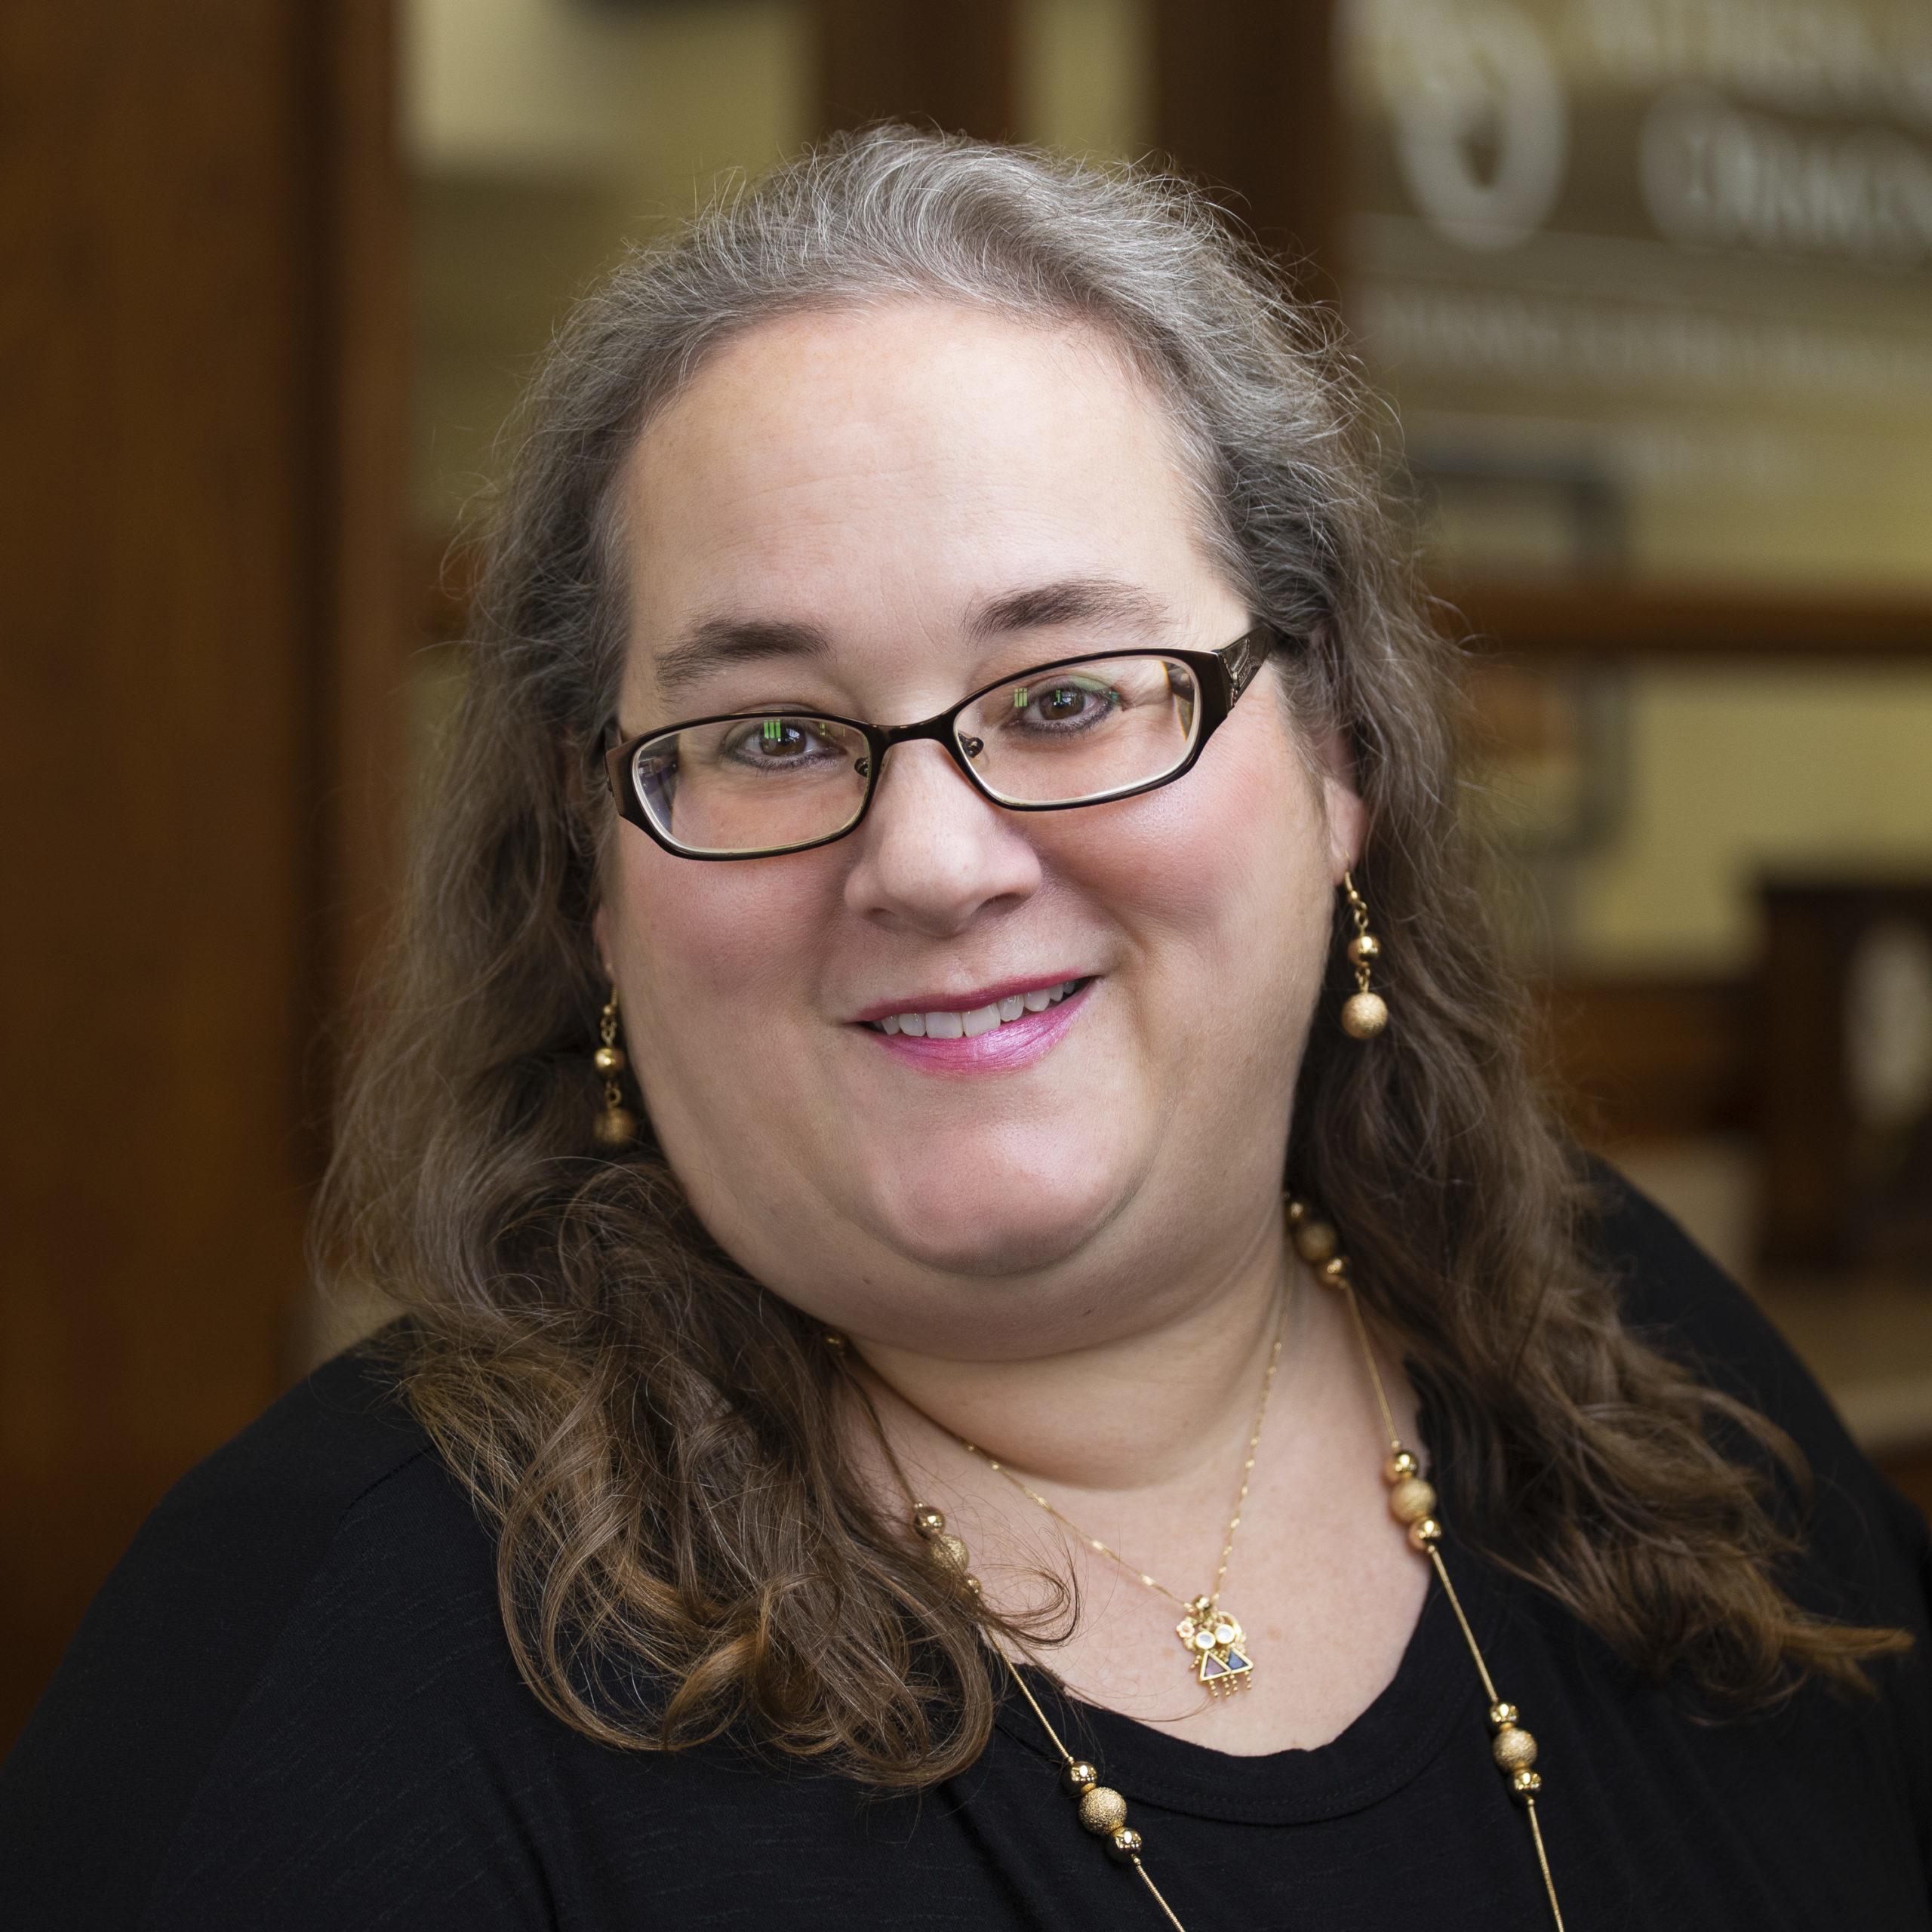 Stephanie Chaplinsky